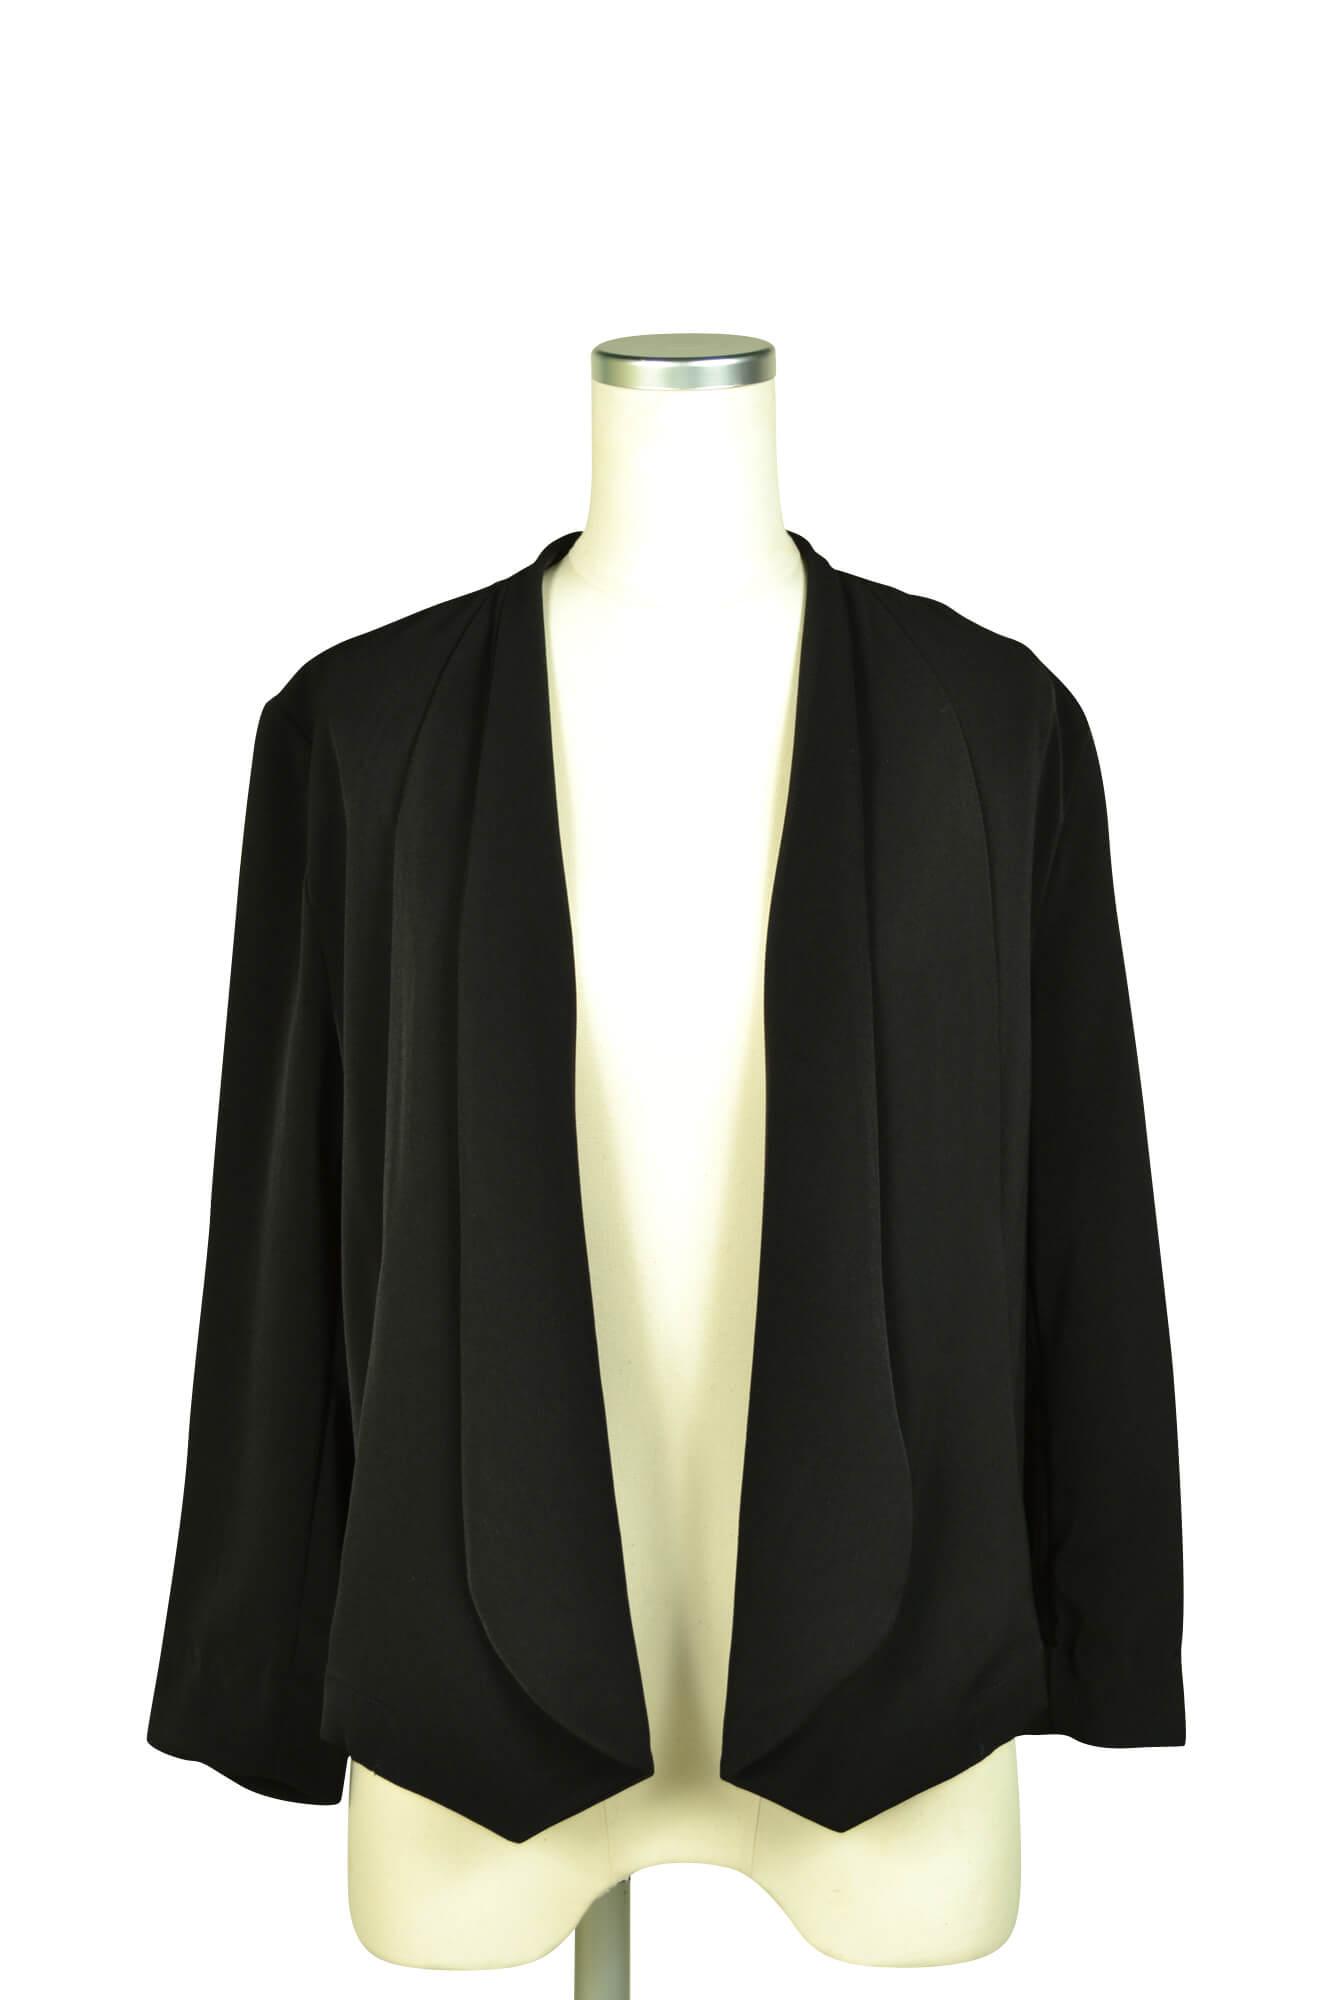 エルモソ (Hermoso)スタイリッシュ8分袖ブラックジャケット